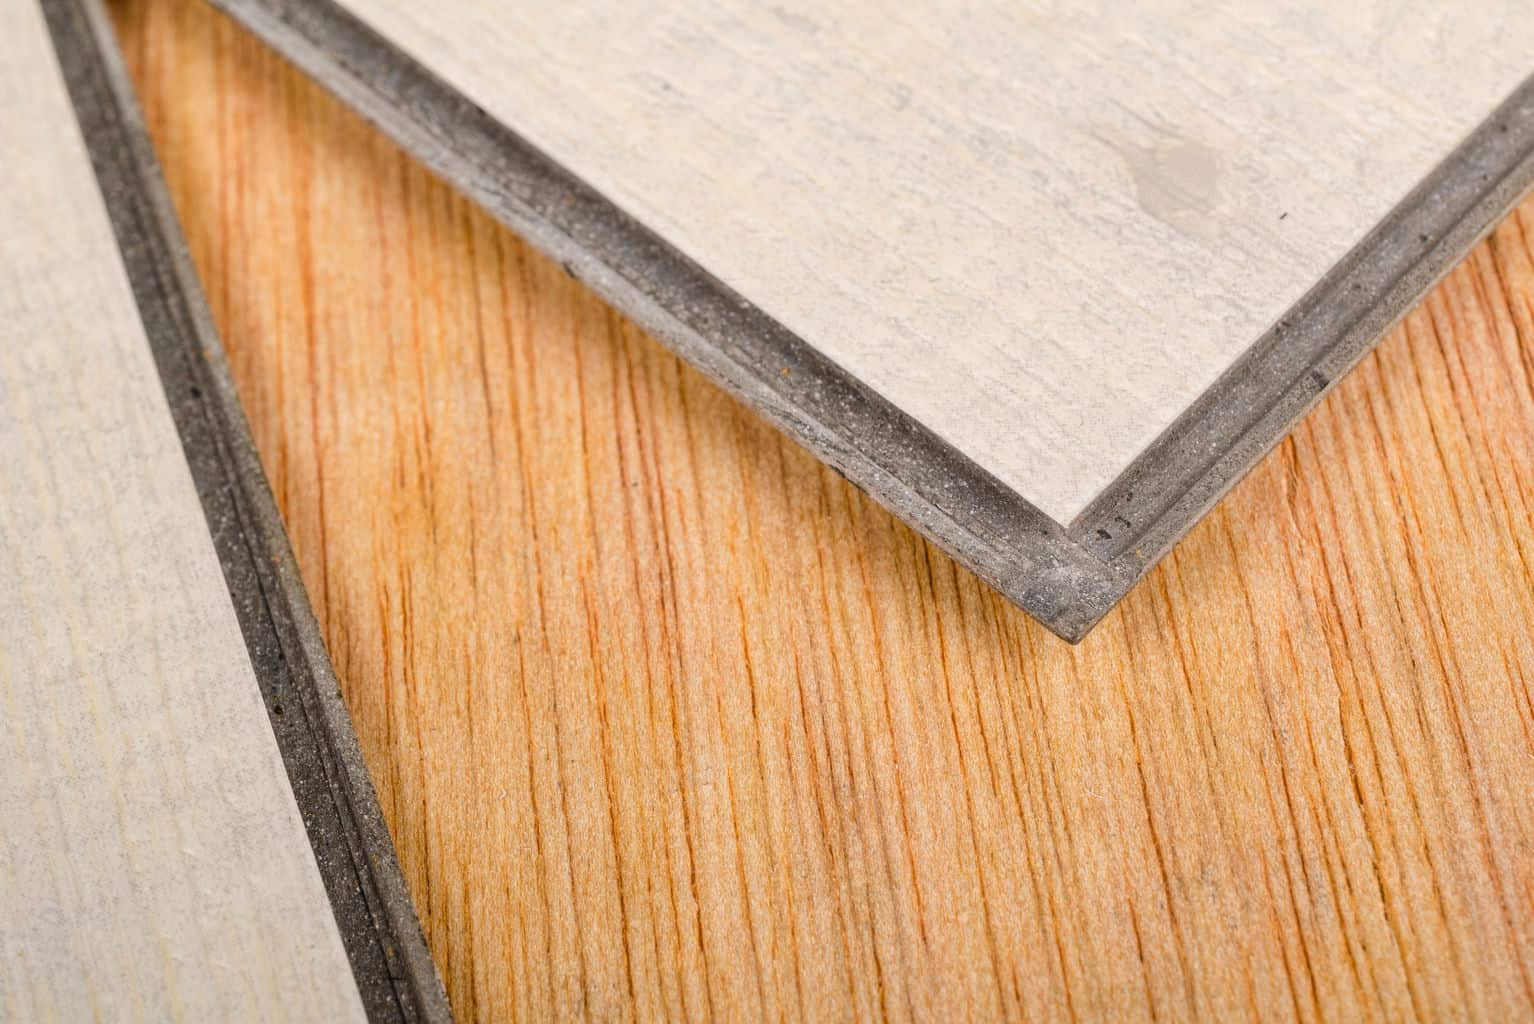 Shine for hardwood floors floor refinish old wood floors for Hardwood floors 60 minutes